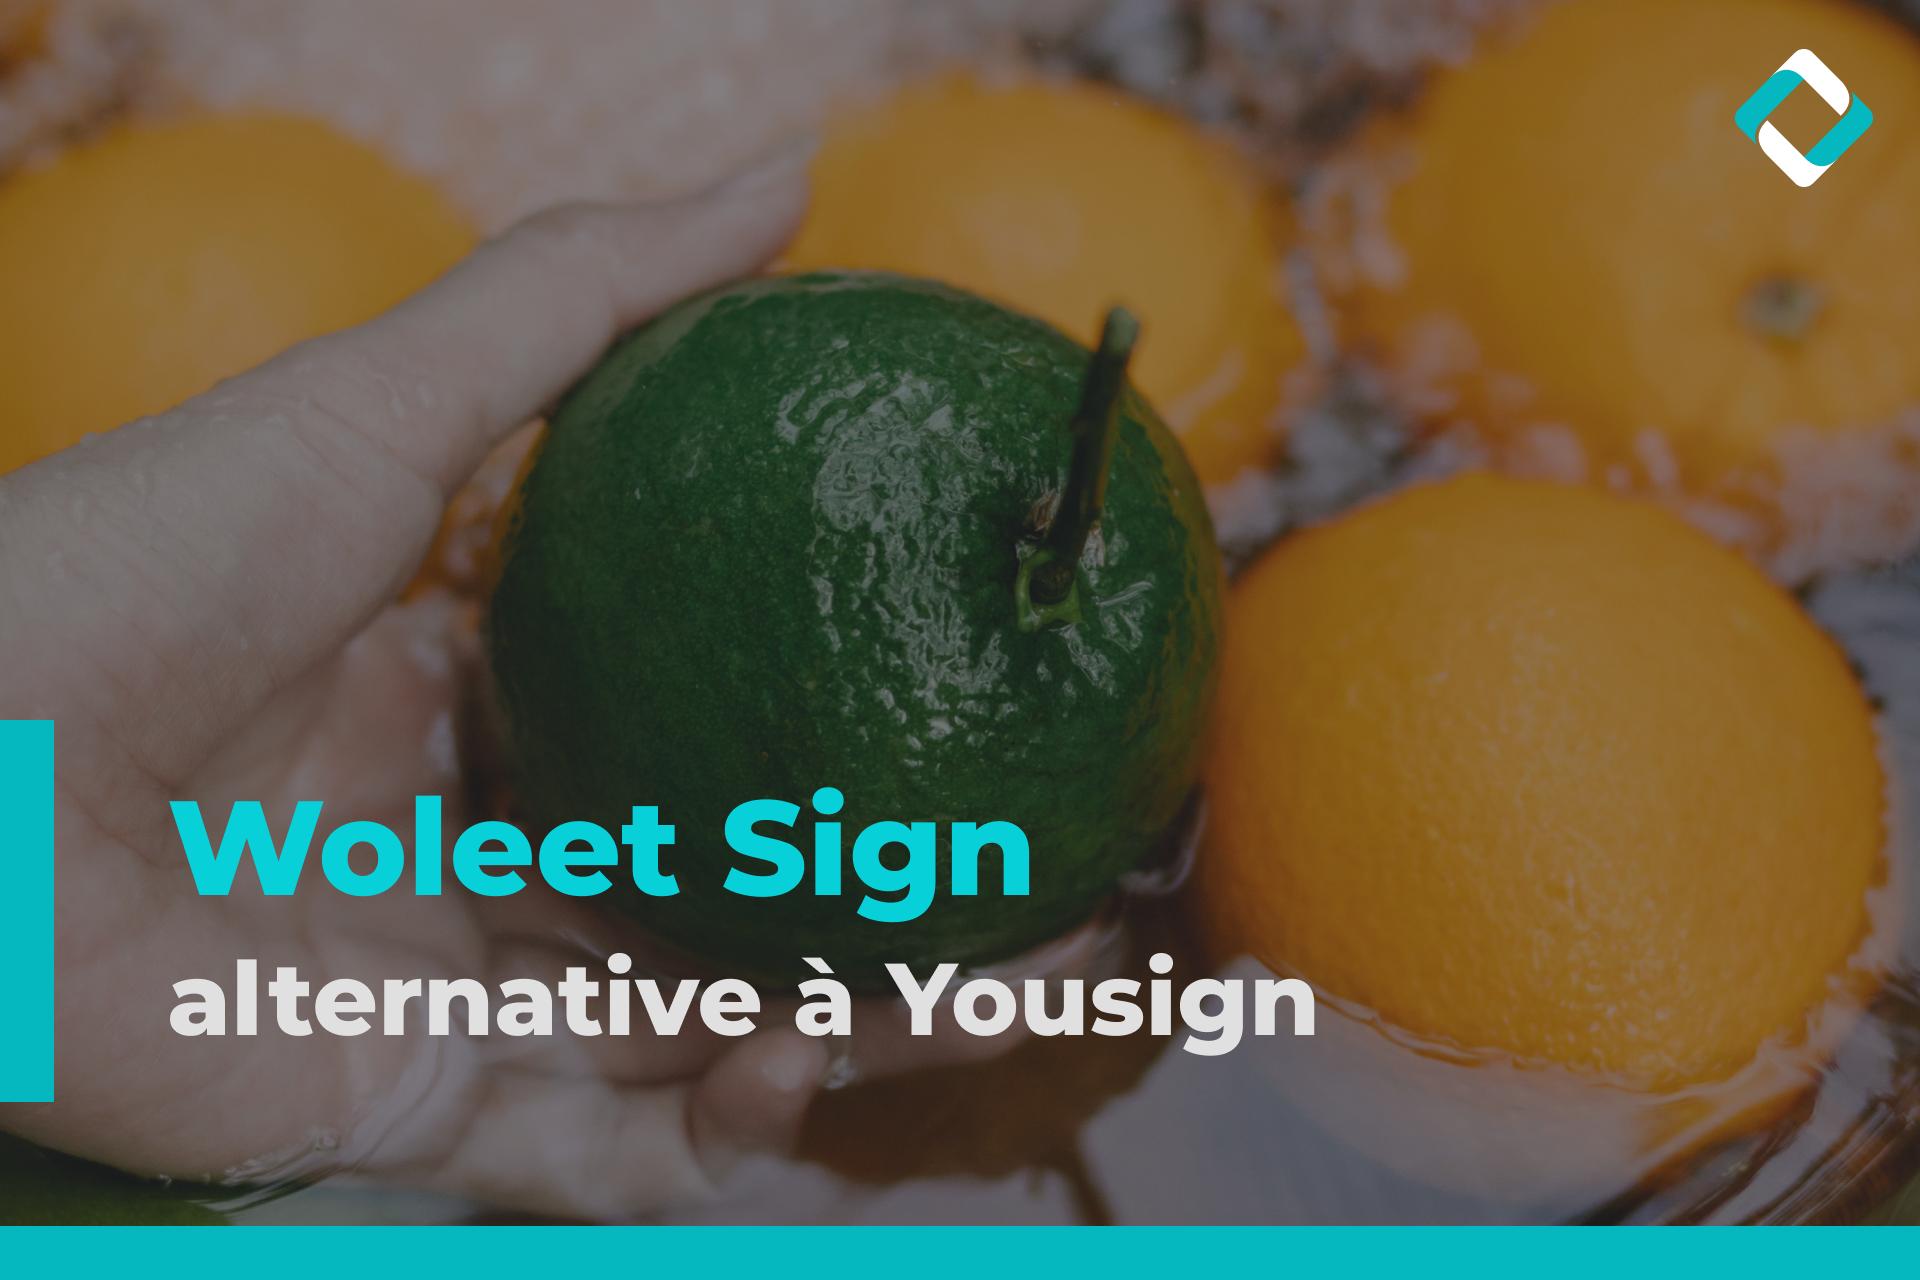 Woleet Sign alternative à Yousign - Une main prend un fruit vert parmi plusieurs fruits oranges